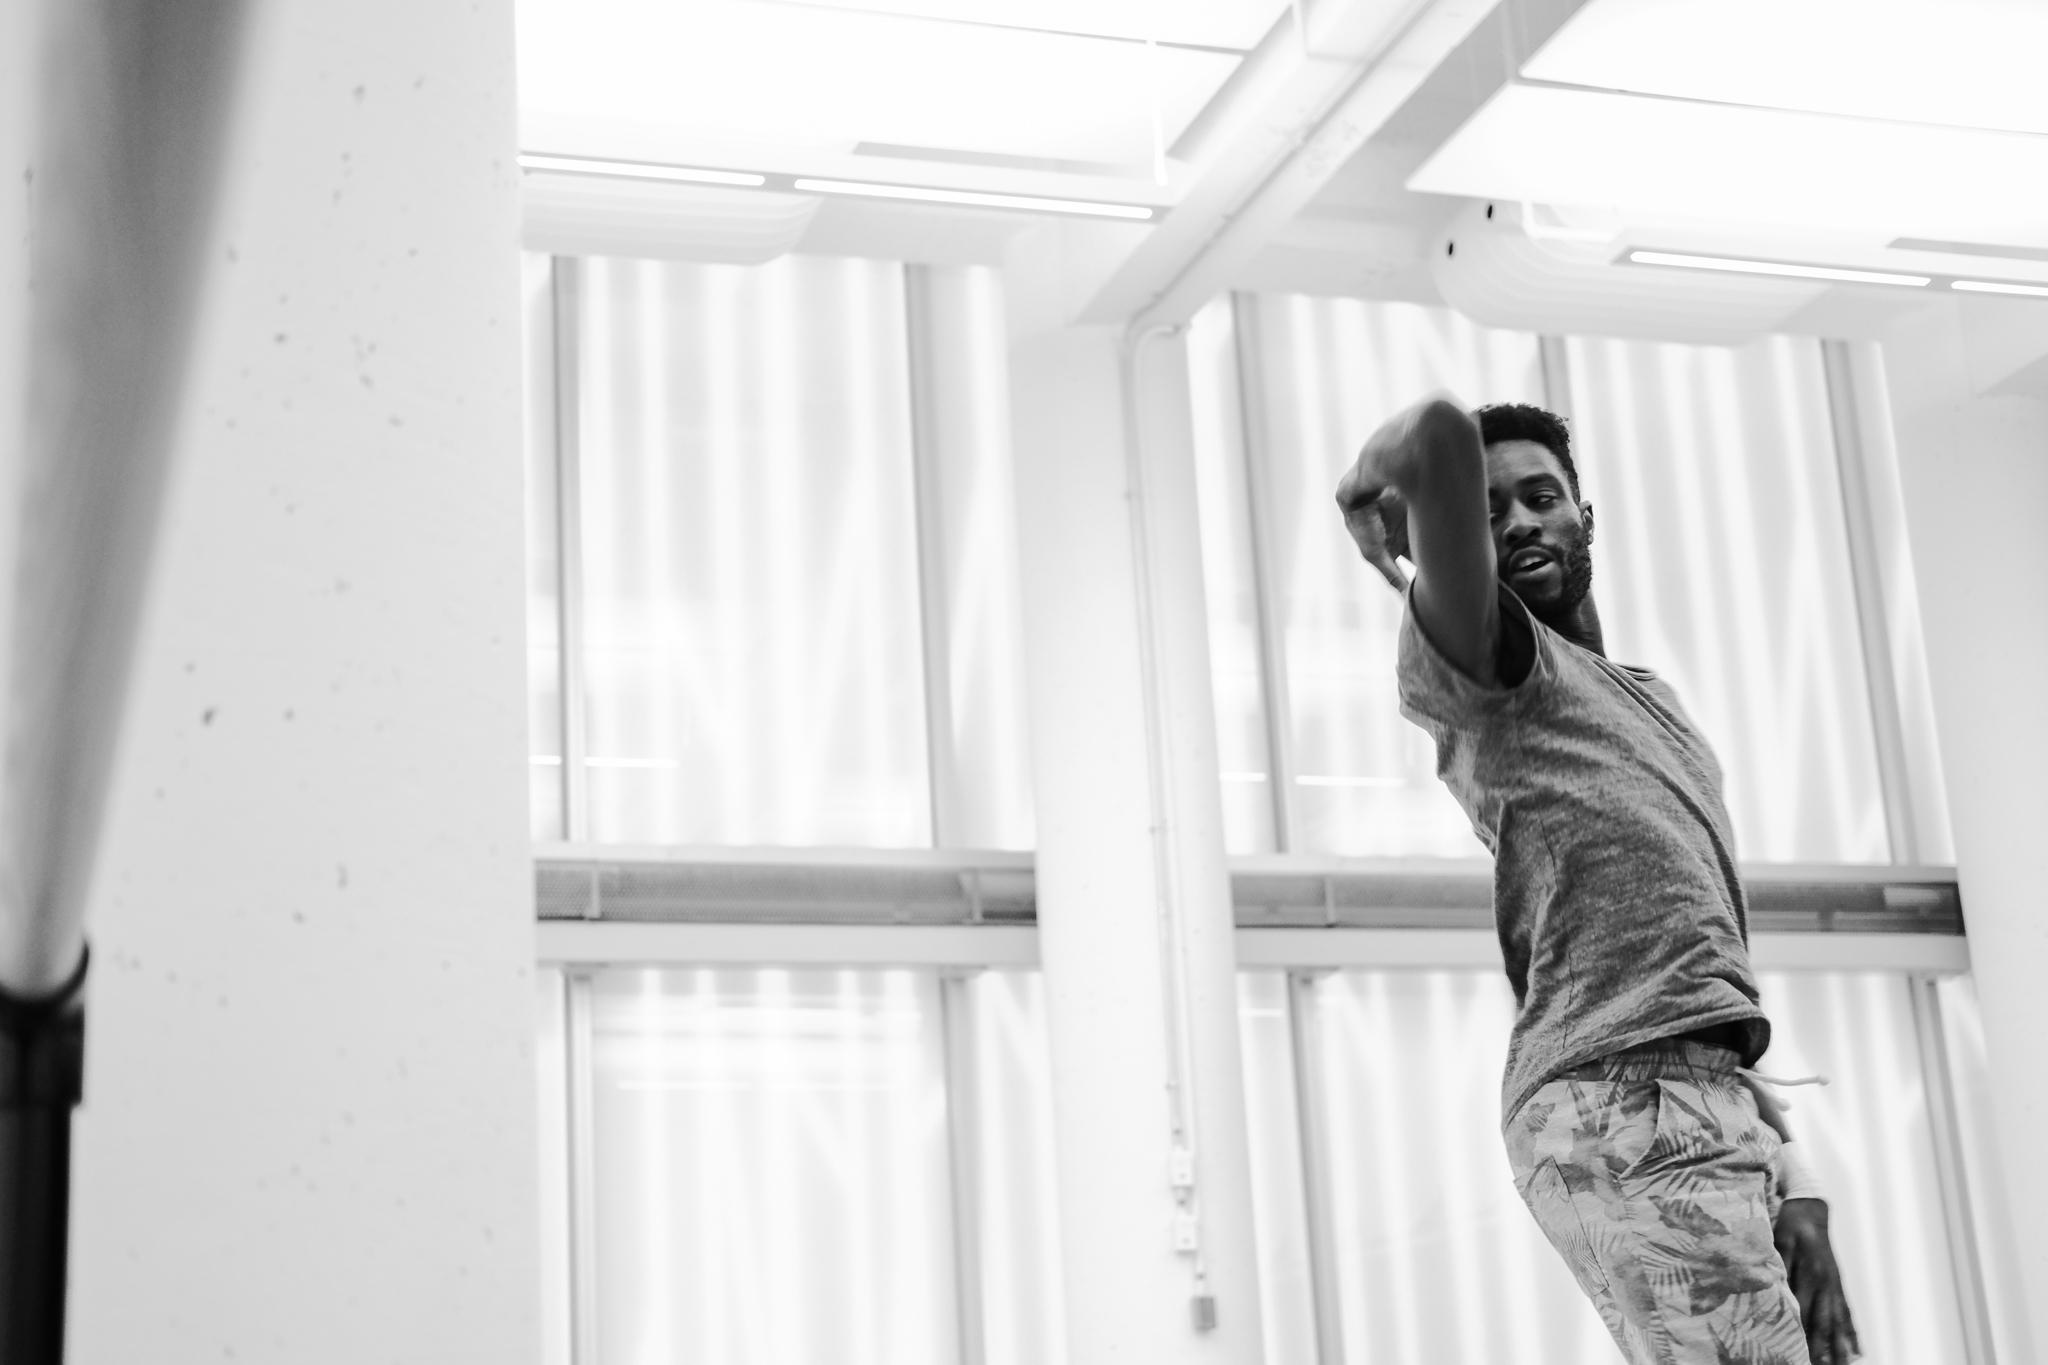 École de Danse Contemporaine de Montréal à Montréal: STUDIO Photo: Adéral Piot Dancer: Yakhoub Dramé